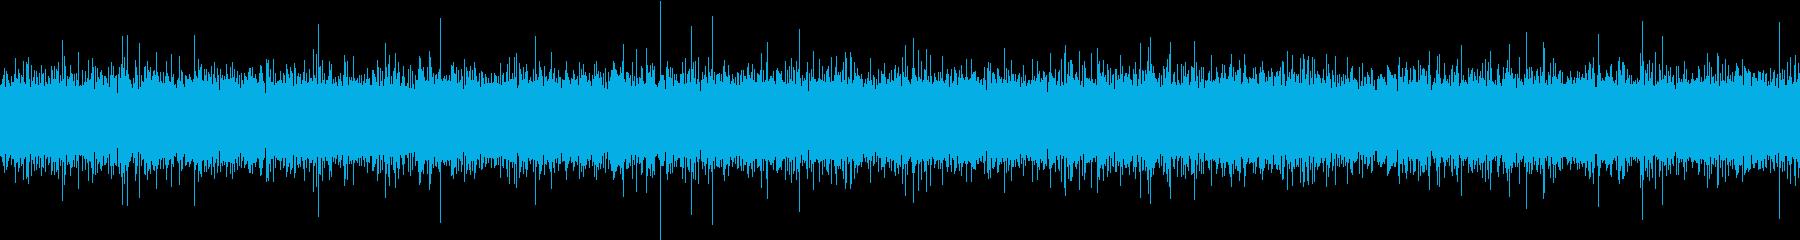 夏の田舎の用水路の水音 ループの再生済みの波形